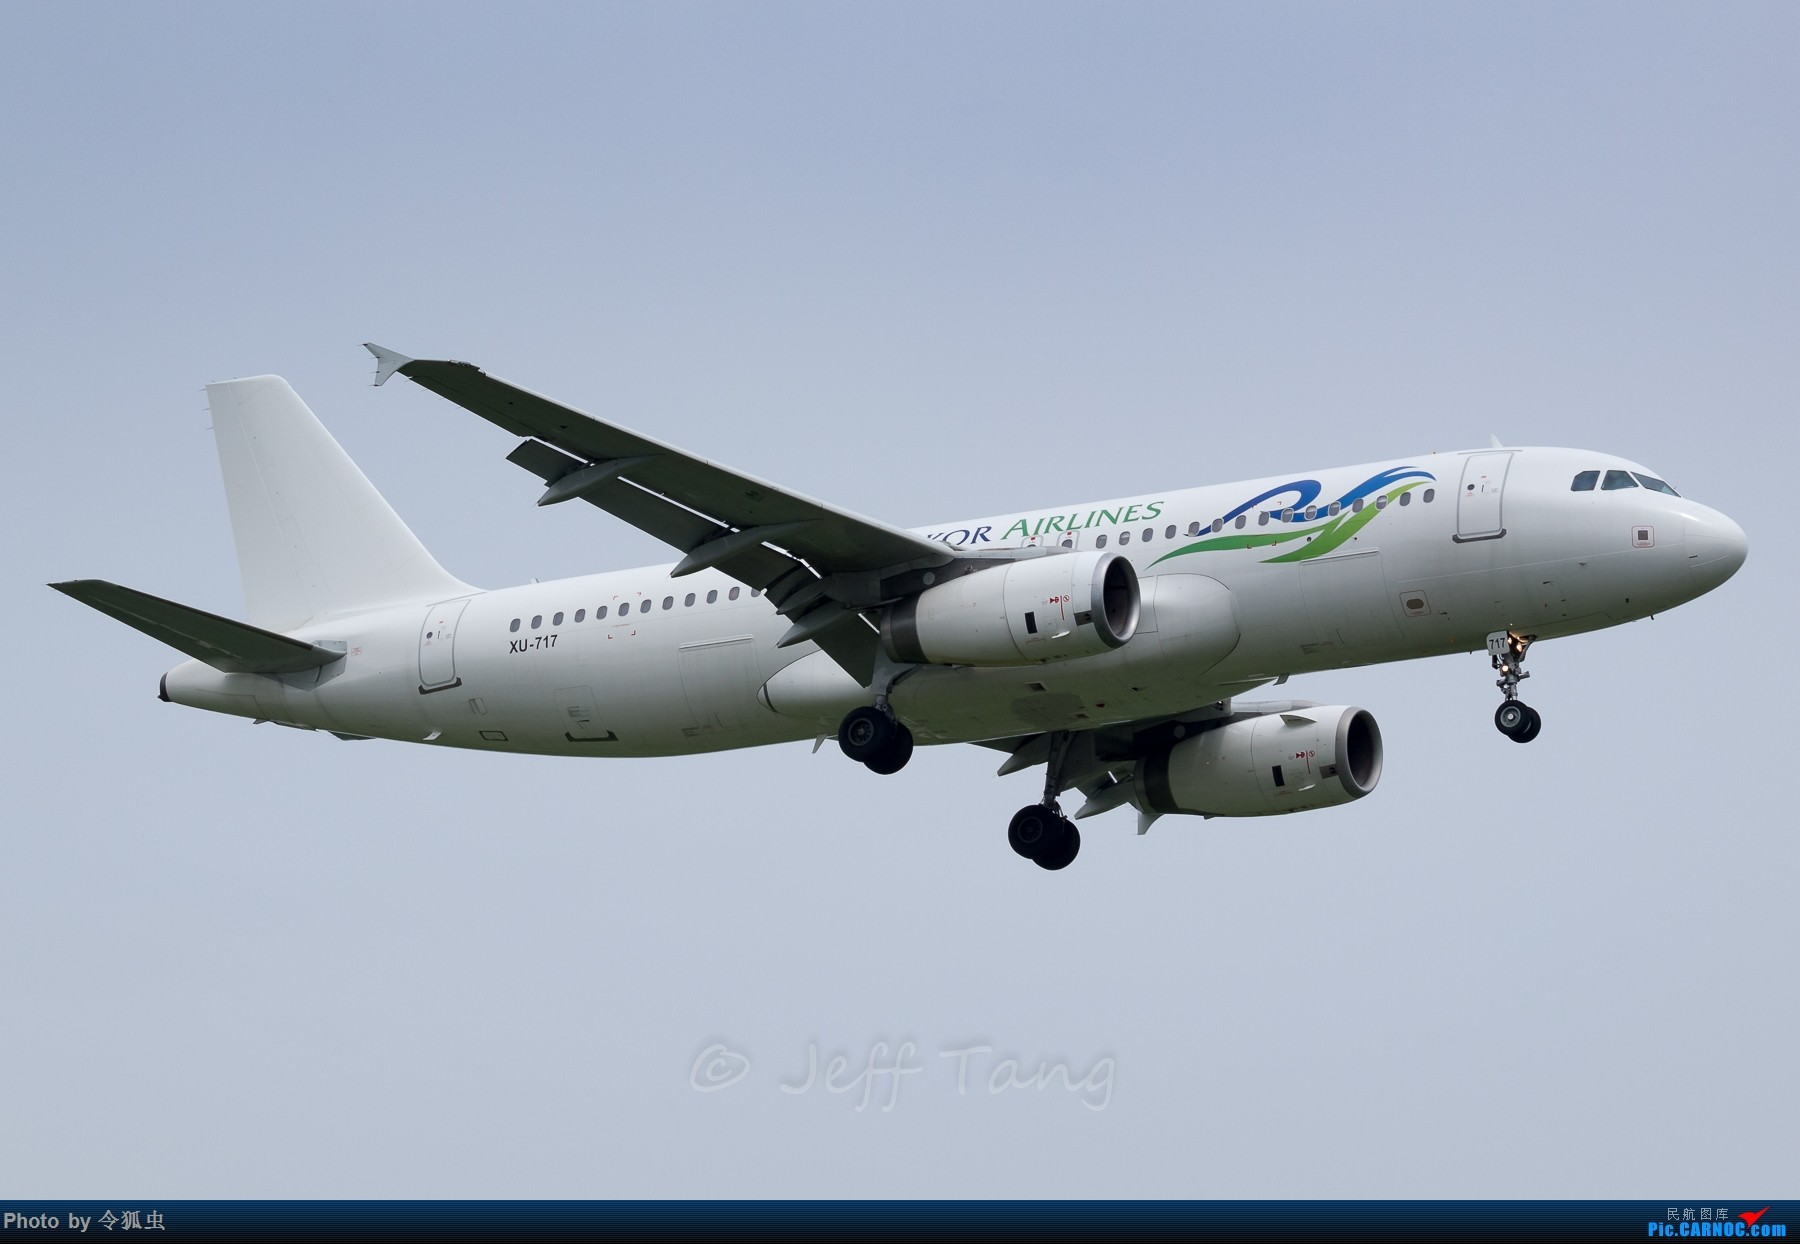 [原创]【CTU】天空吴哥XU-717_A320水泥天两张 AIRBUS A320-200 XU-717 中国成都双流国际机场